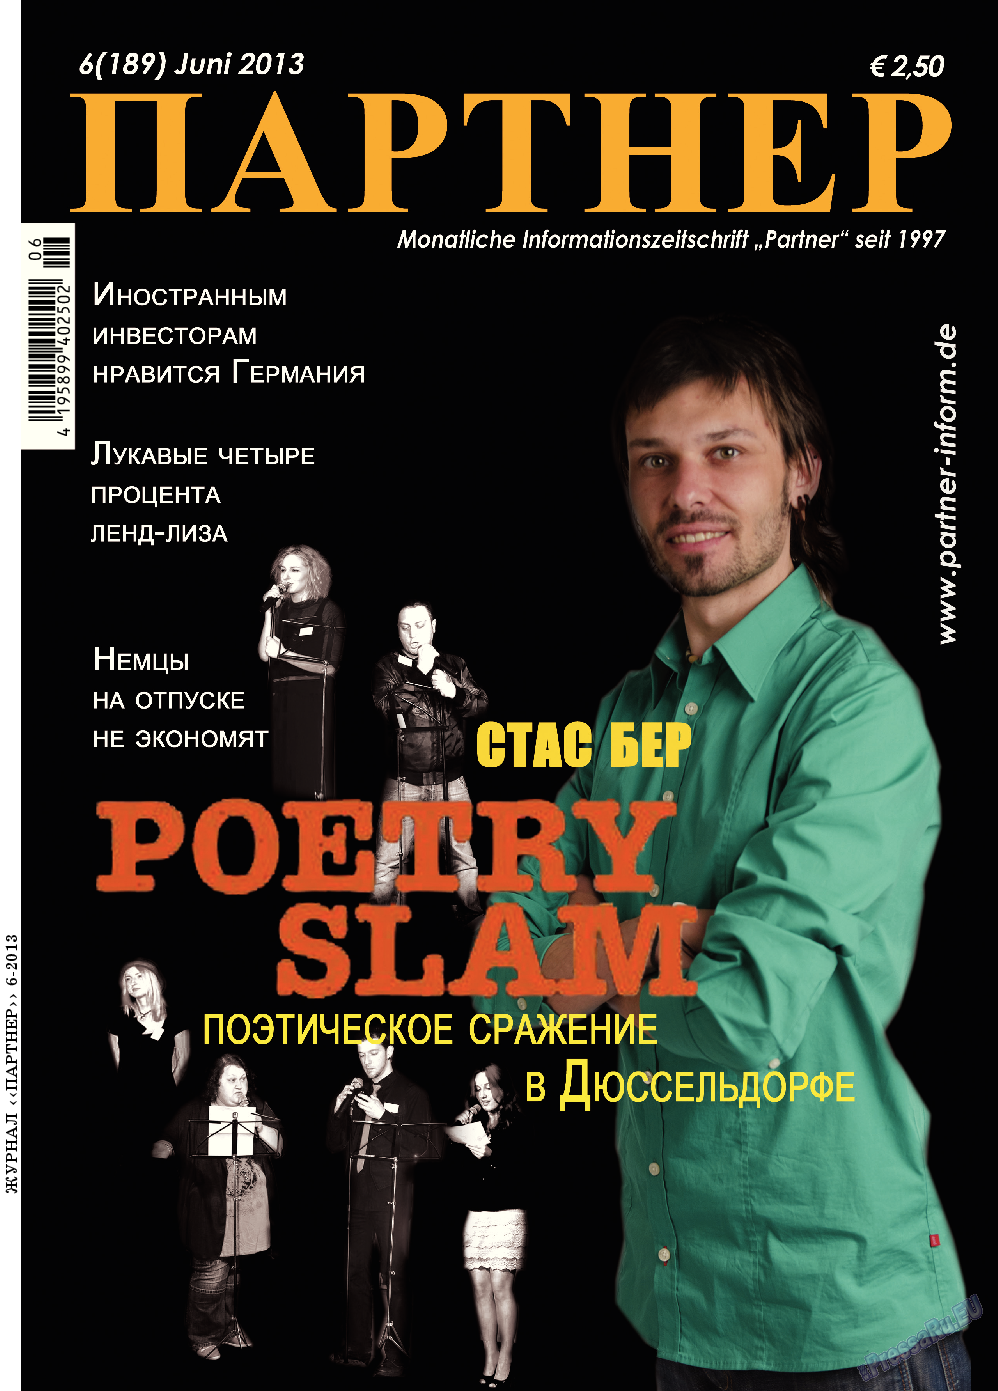 Партнер (журнал). 2013 год, номер 6, стр. 1